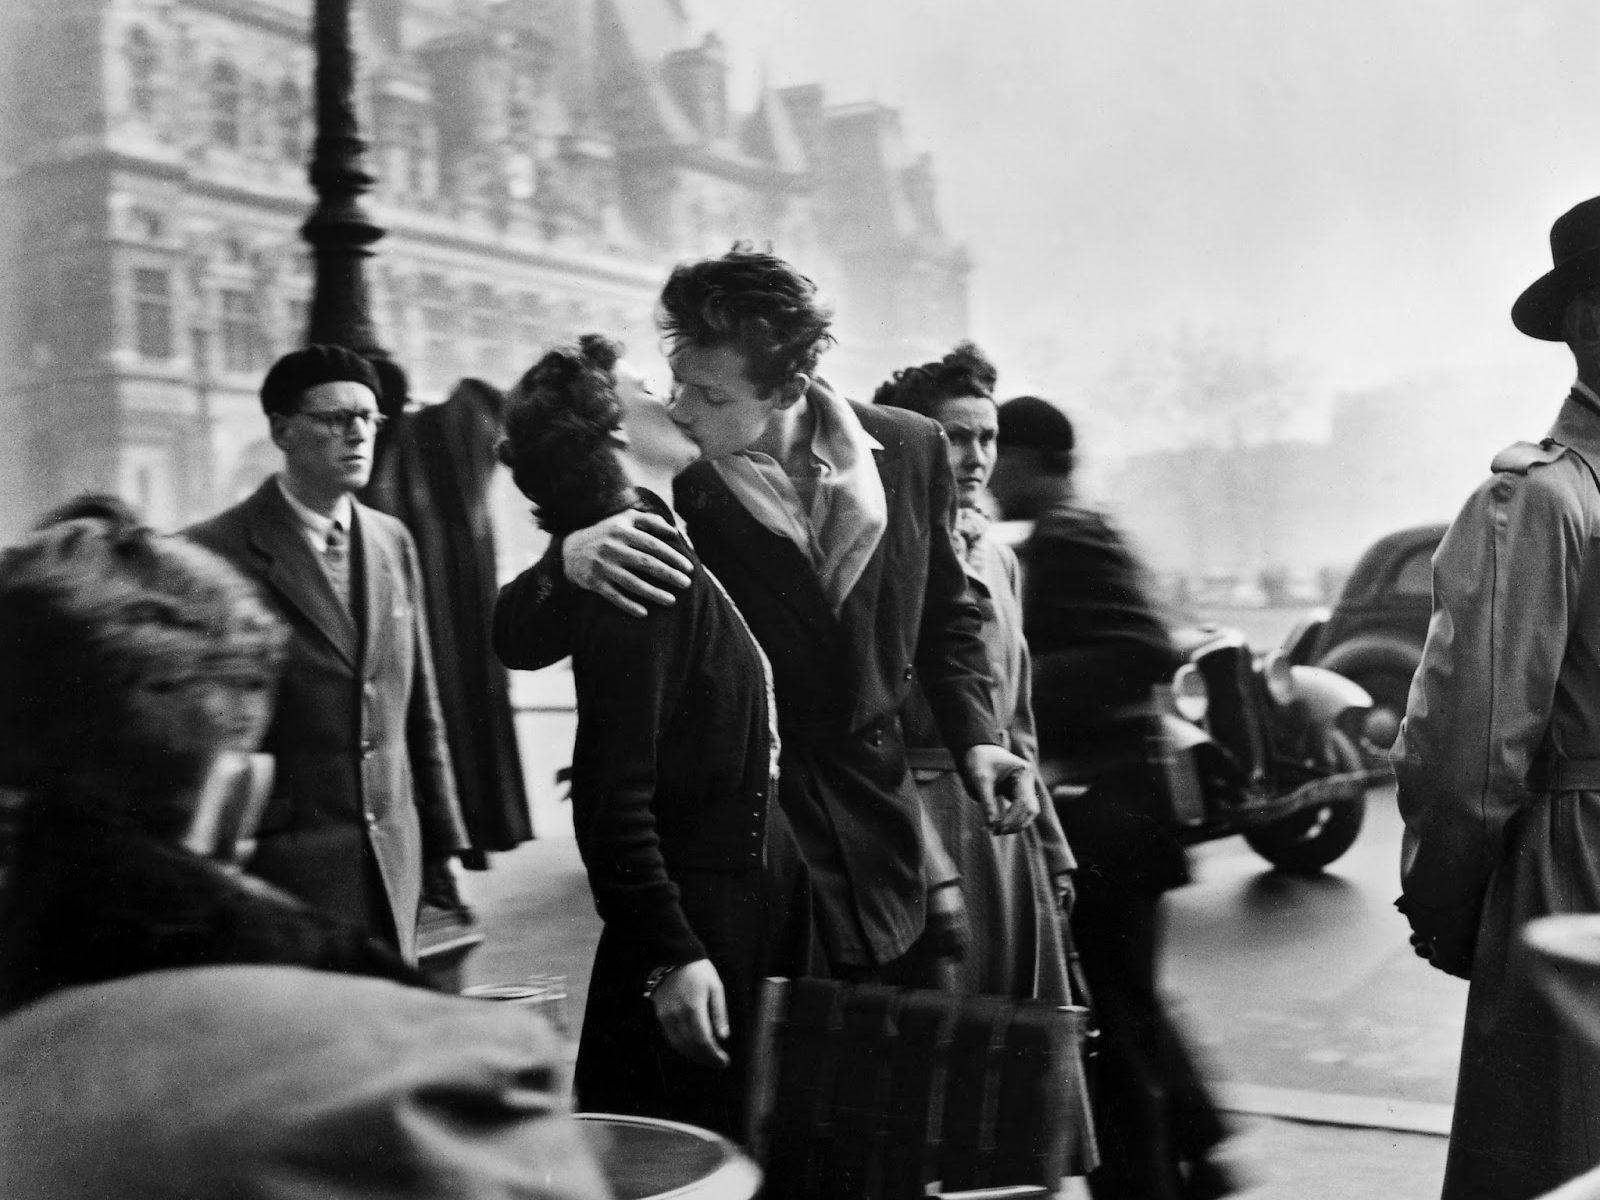 Il bacio di Doisneau